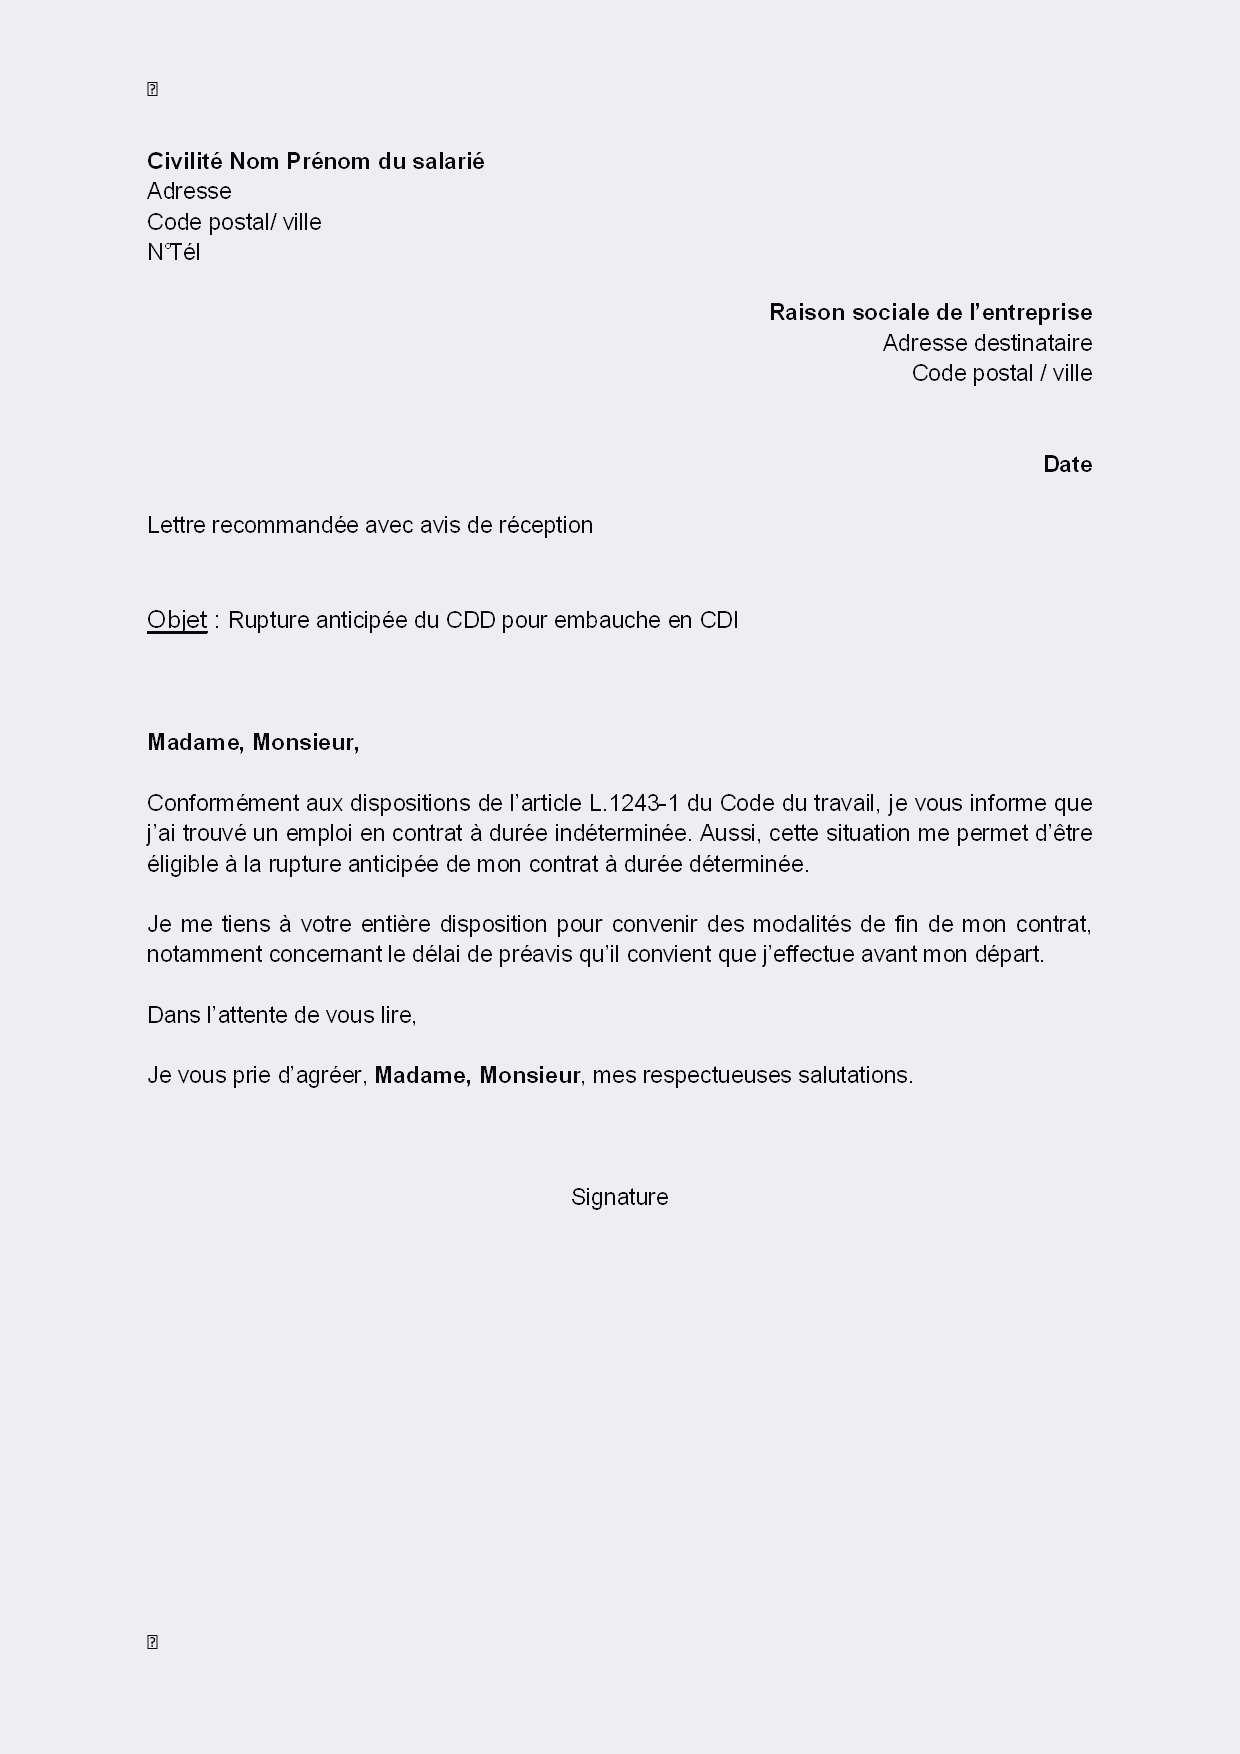 Exemple de lettre de motivation gratuite pour un emploi ...